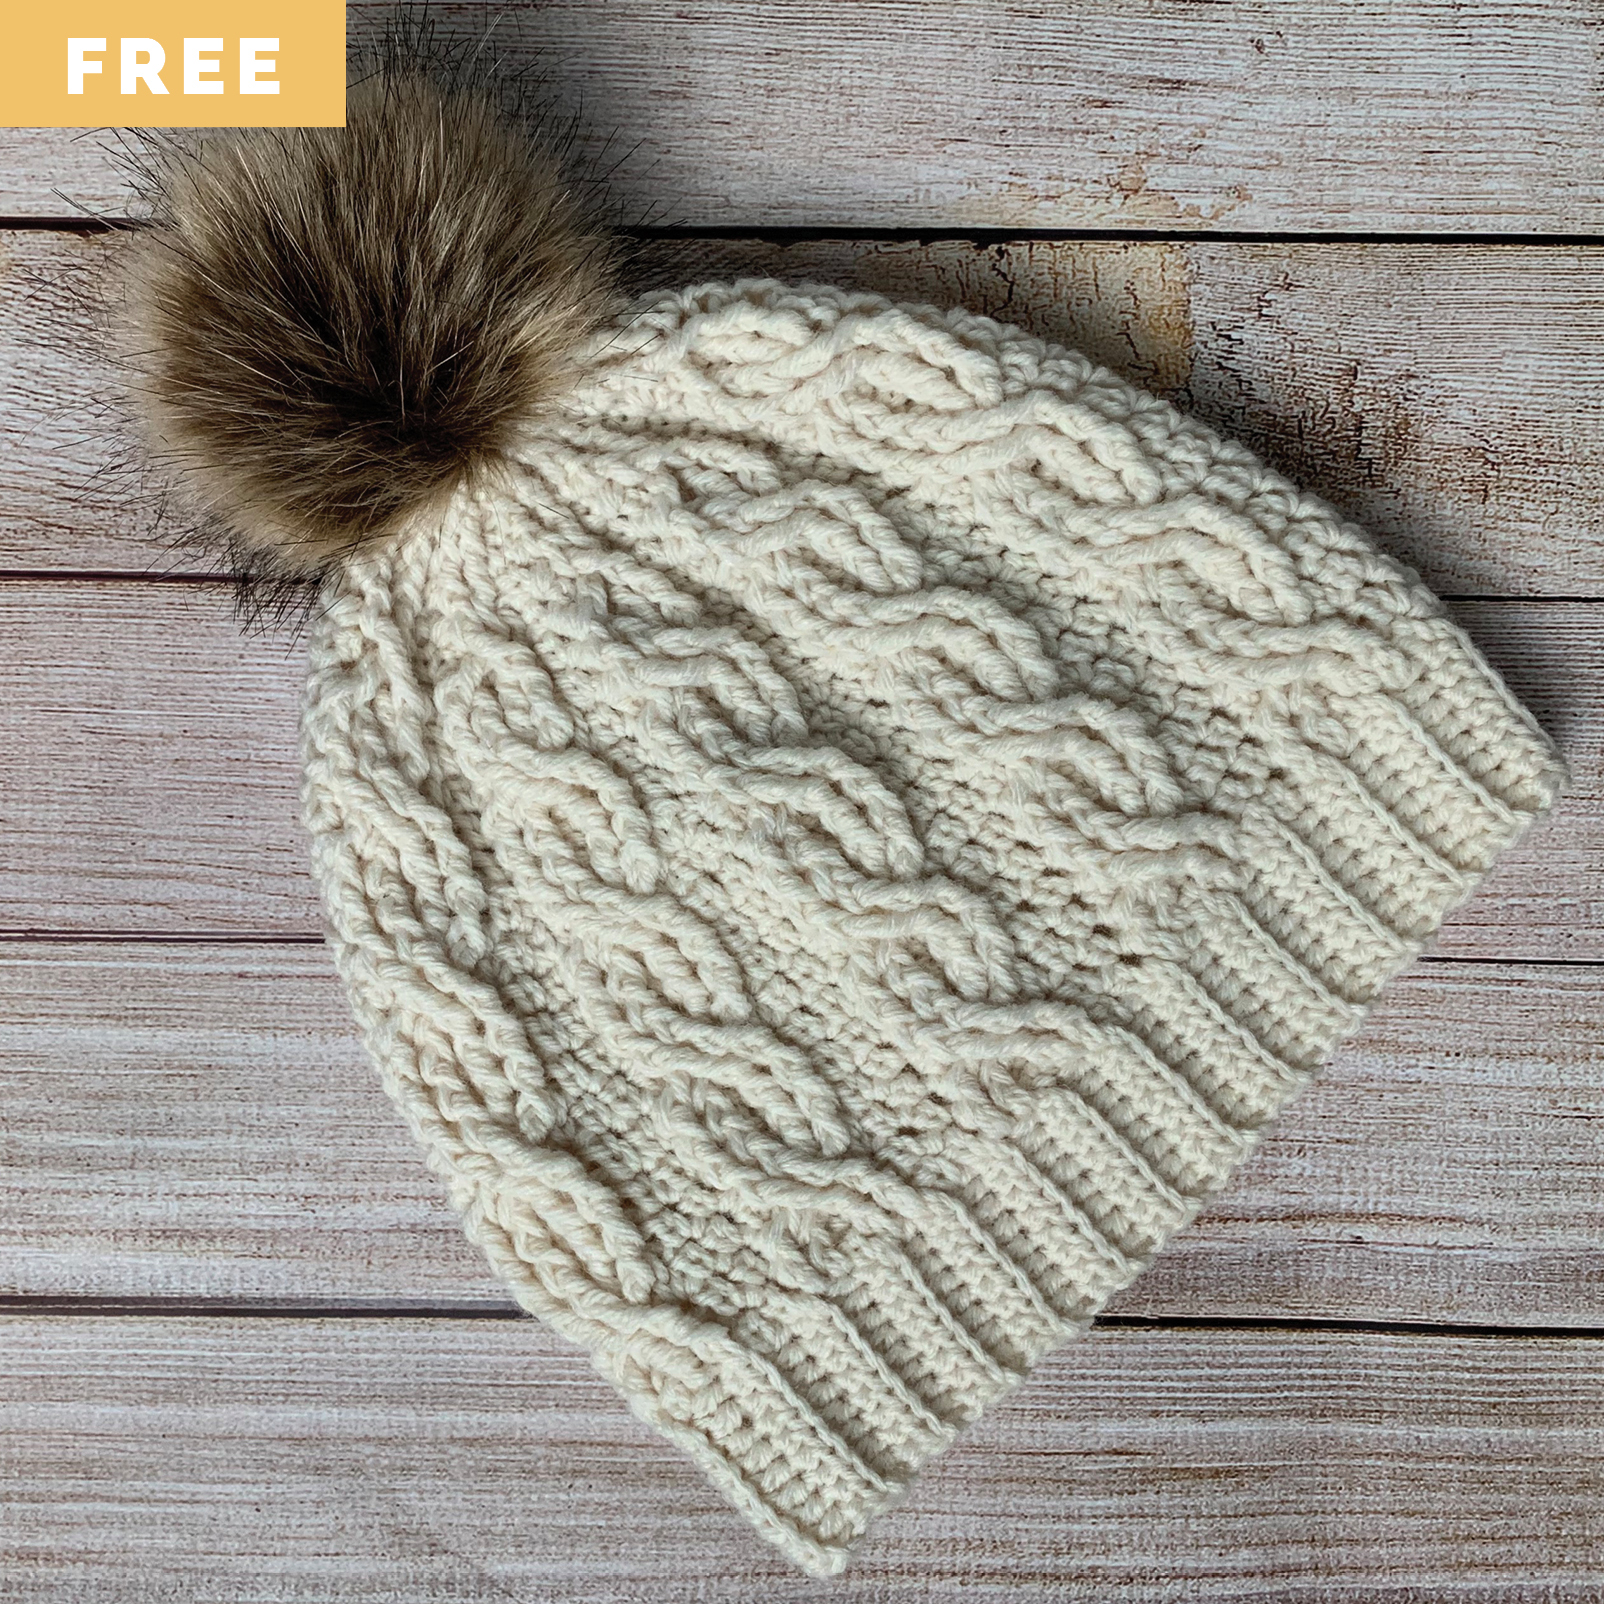 Free Crochet Pattern - Wintertide Cable Hat